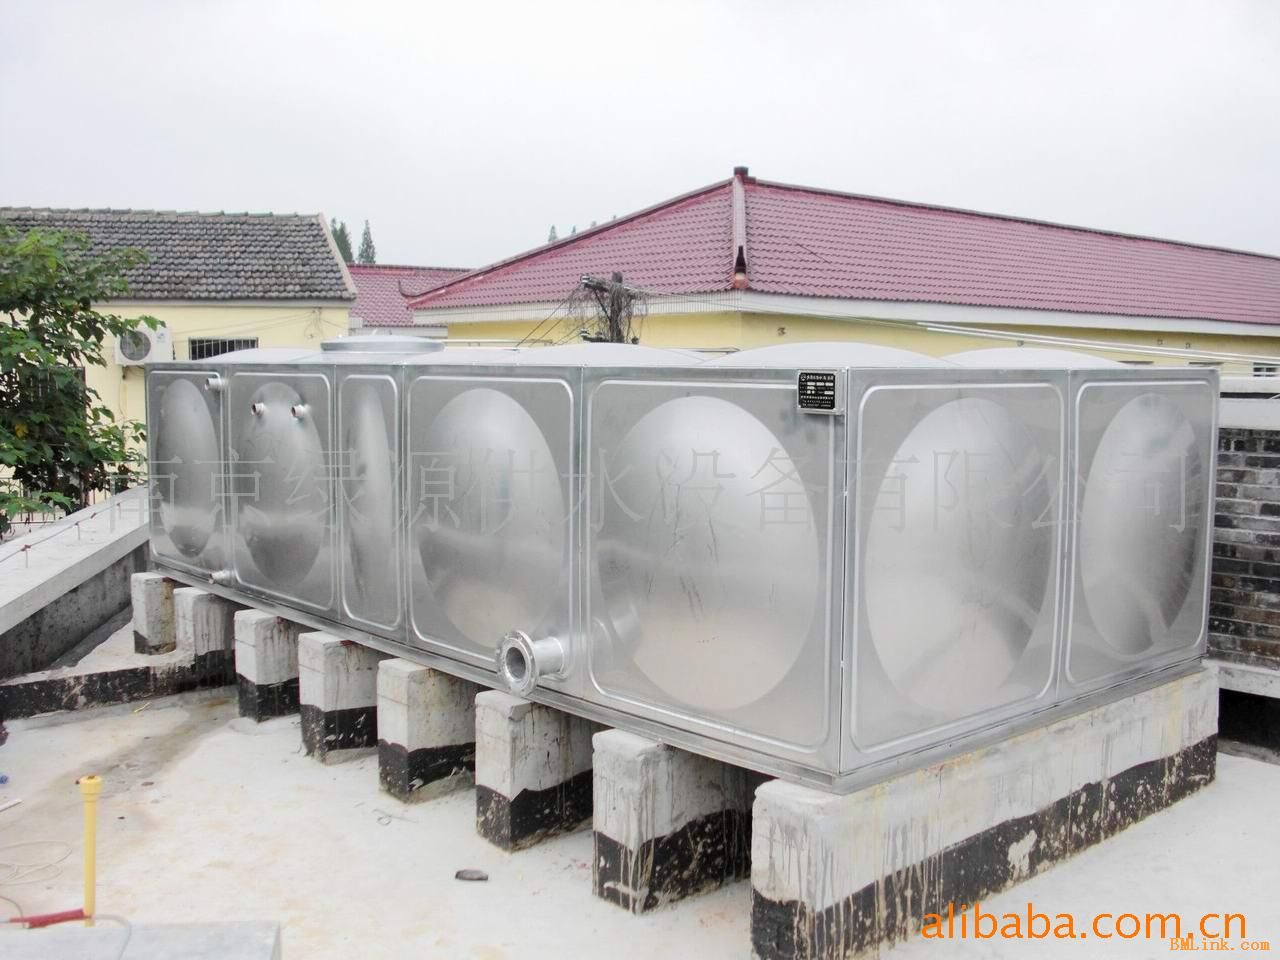 供应不锈钢组合水箱 不锈钢水箱